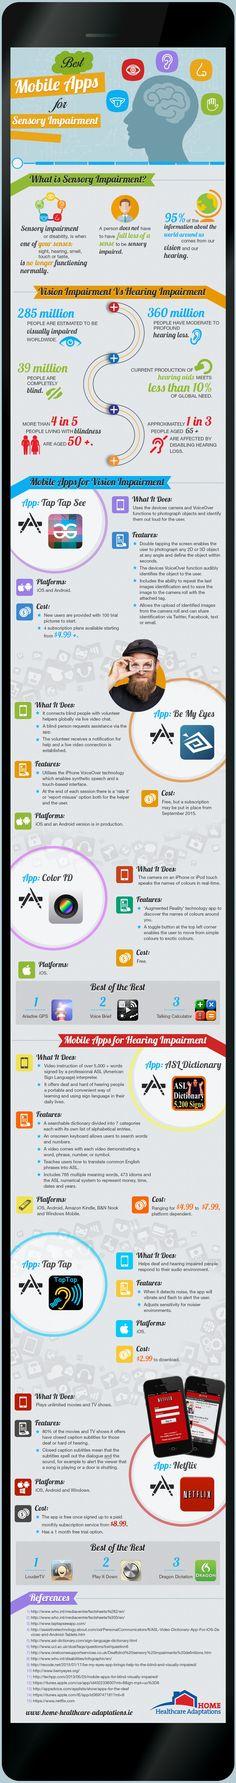 #Apps para discapacitados visuales y auditivos. #mHealth #eHealth #infografia #tecnologia